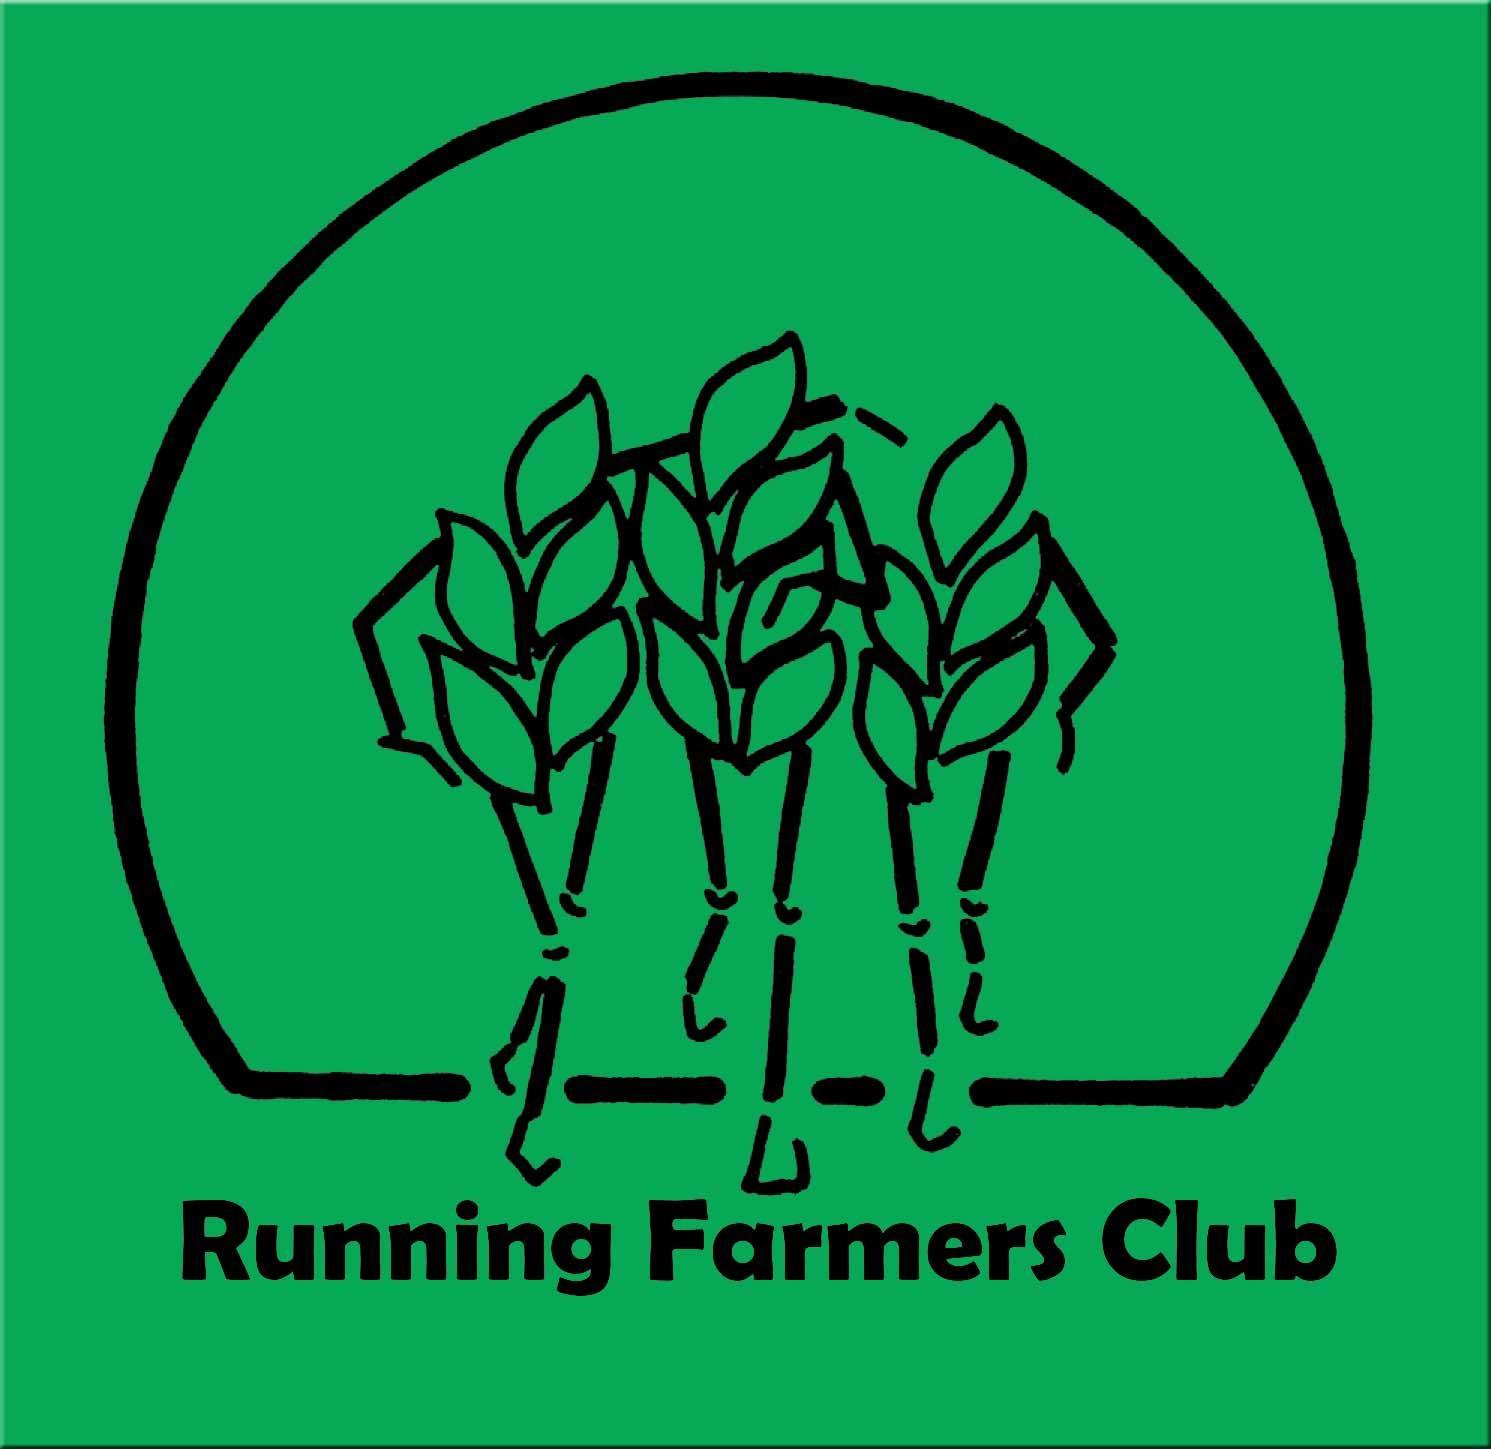 farmers running club